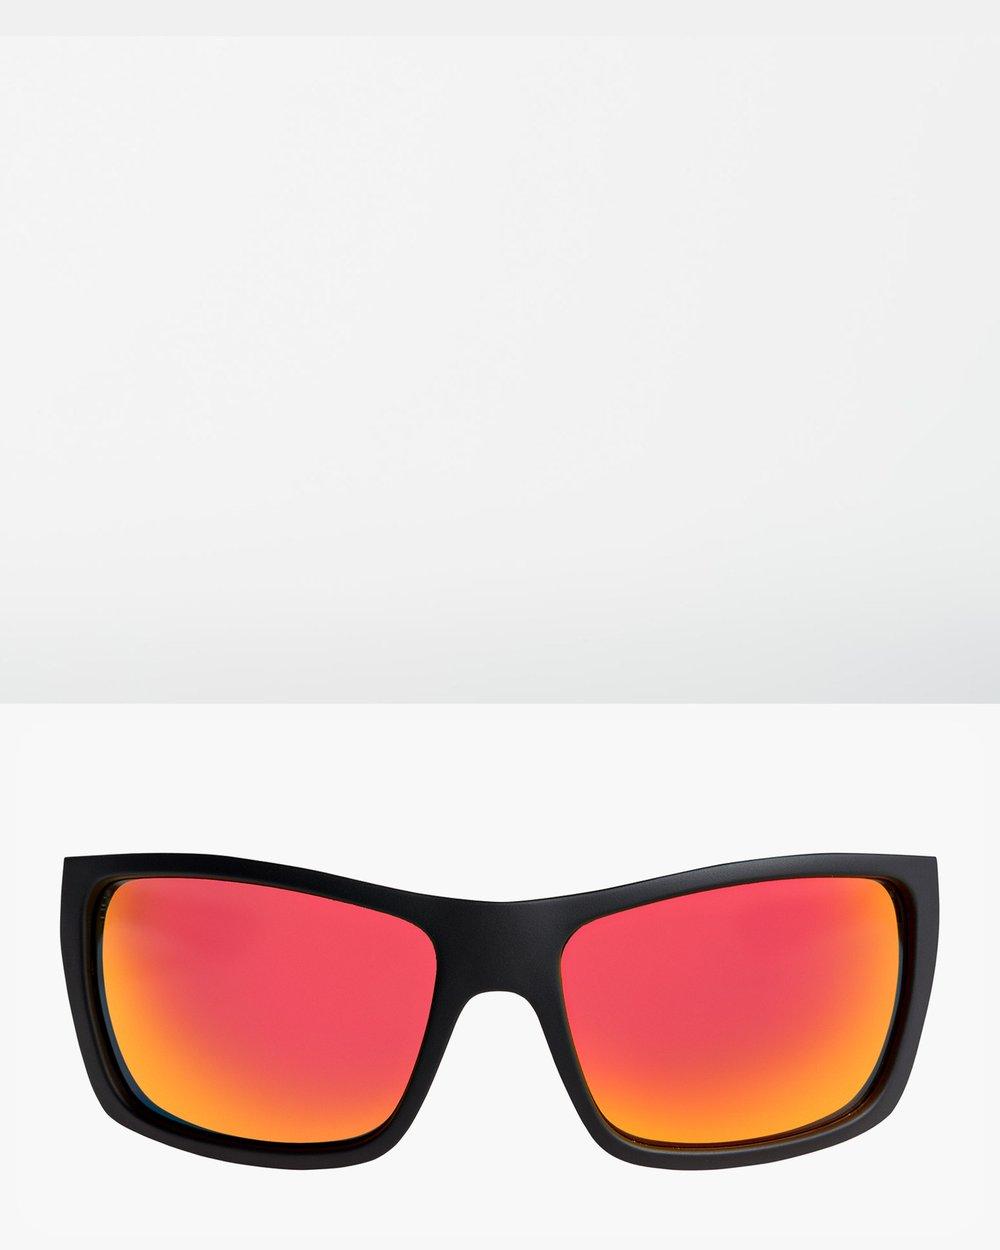 65018edb17 Mens Hideout Sunglasses by Quiksilver Online